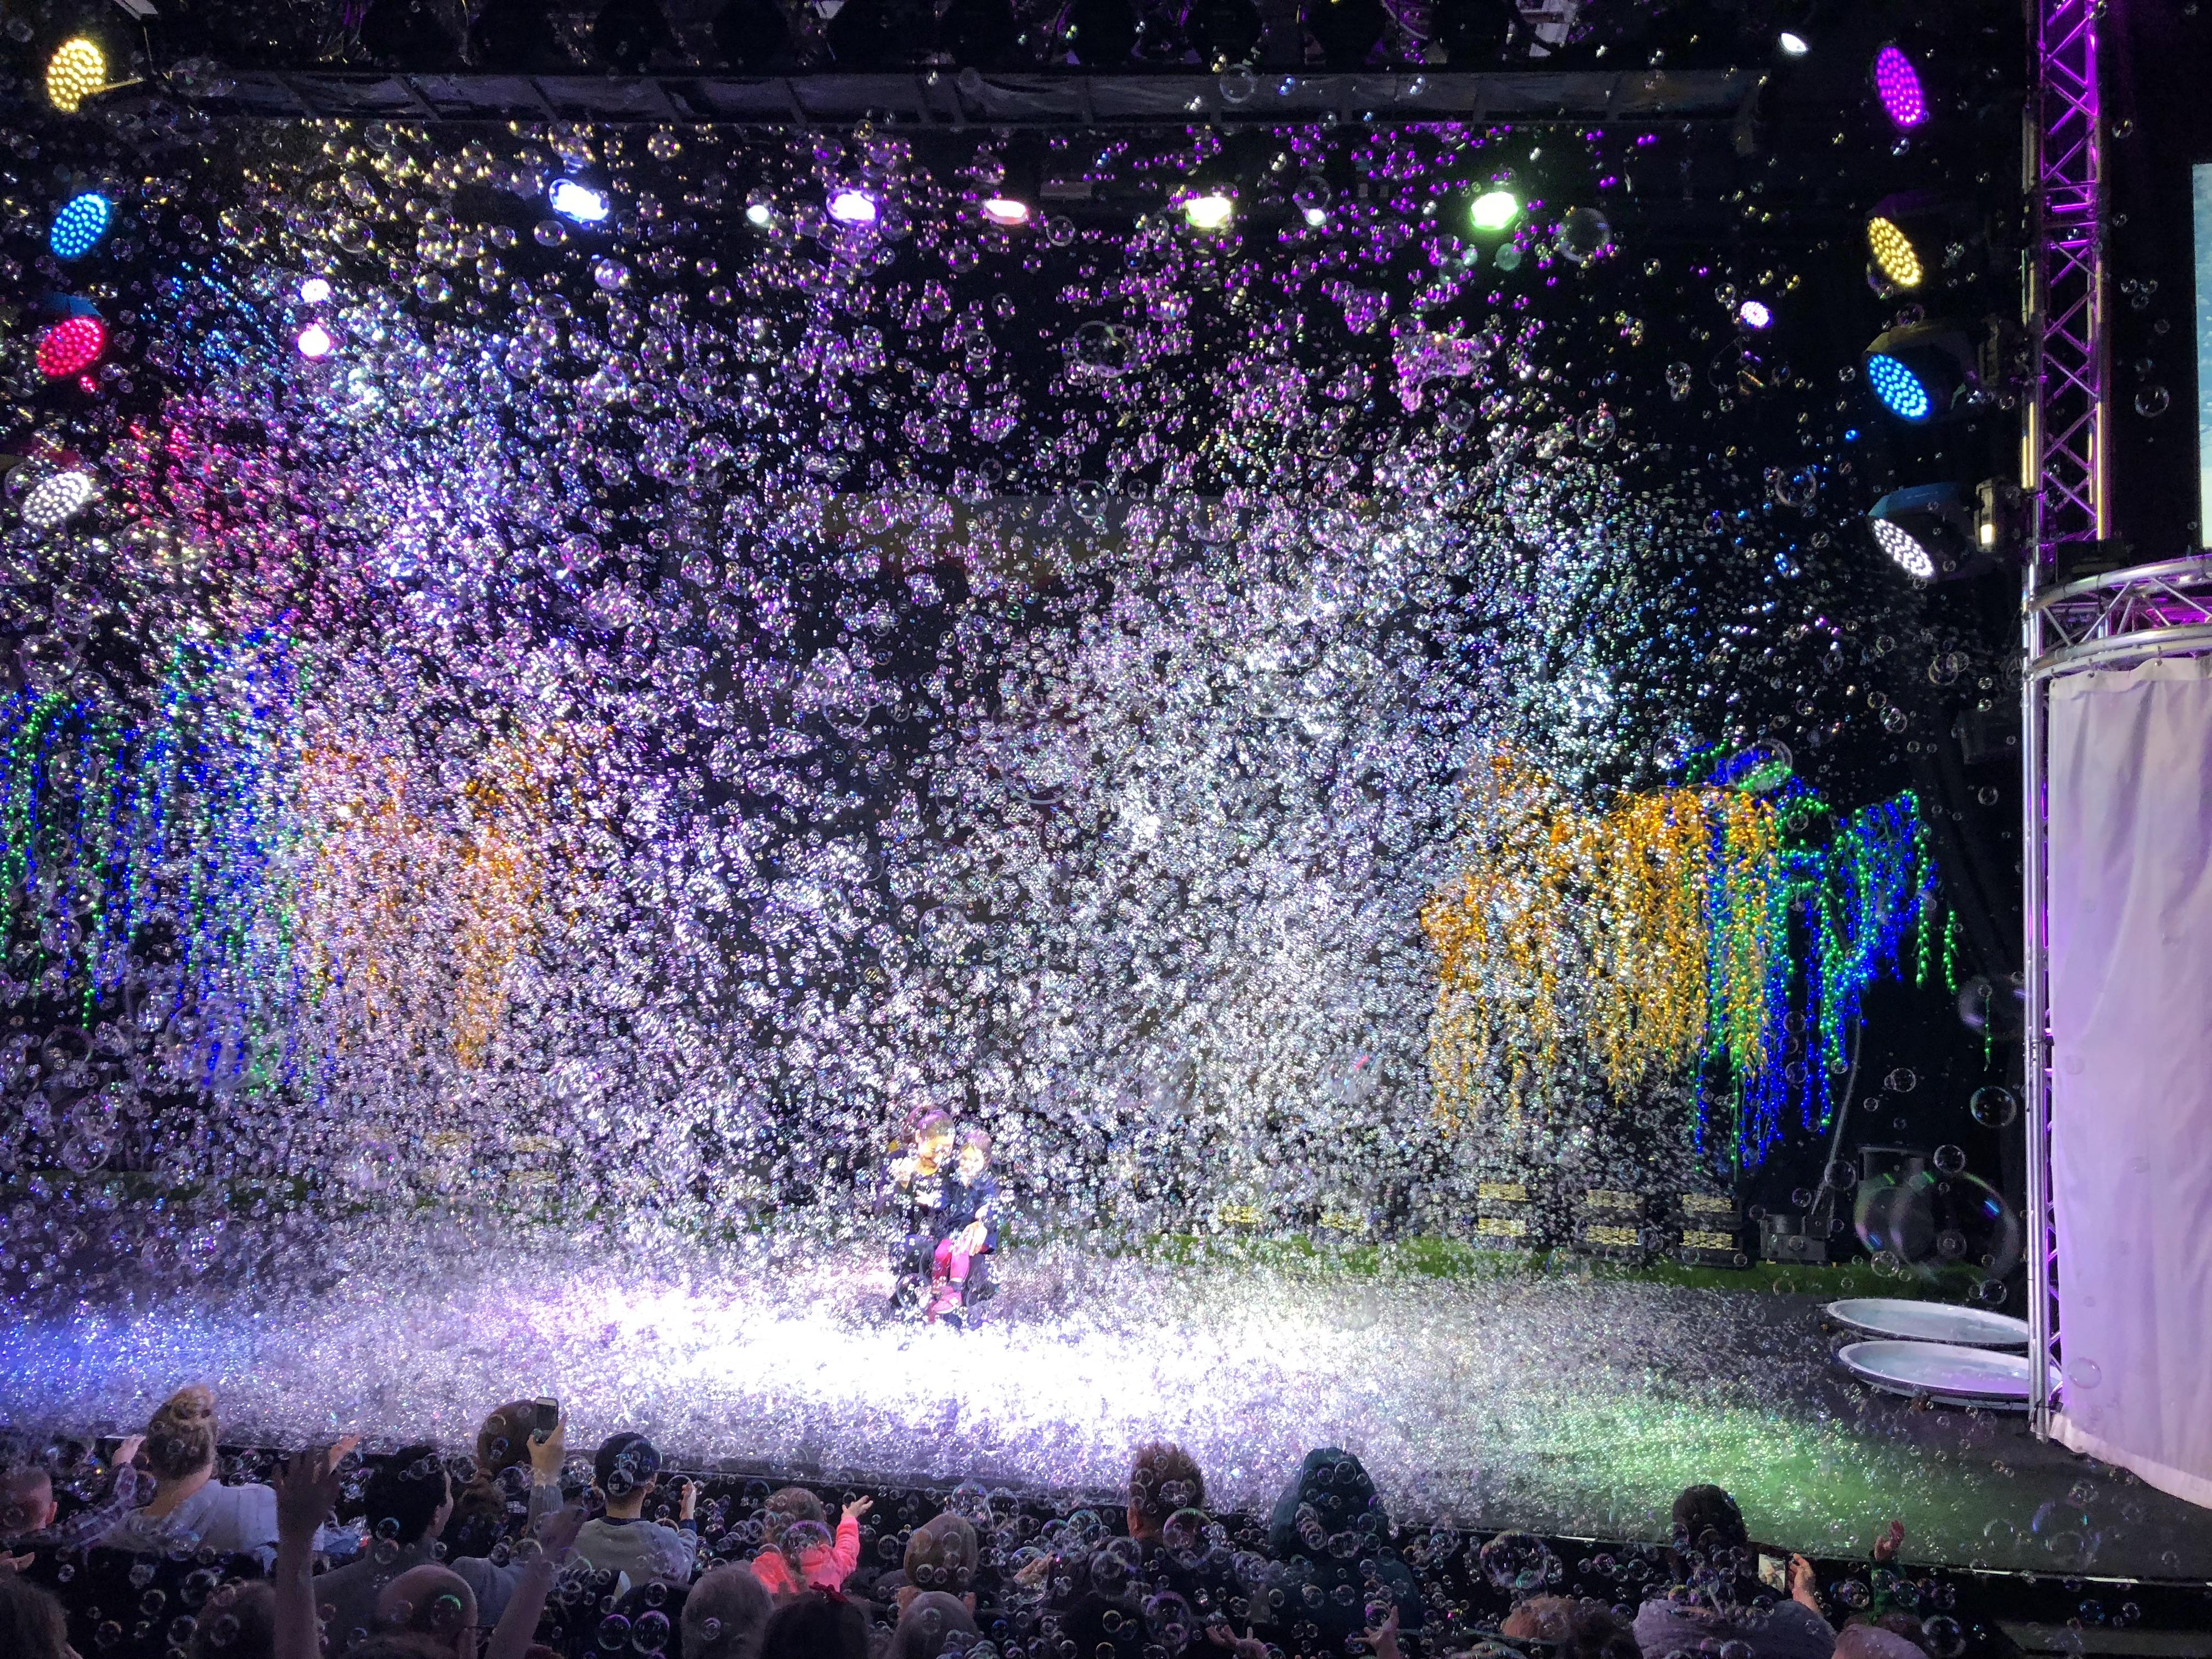 Gazillion Bubble Show bubble snow